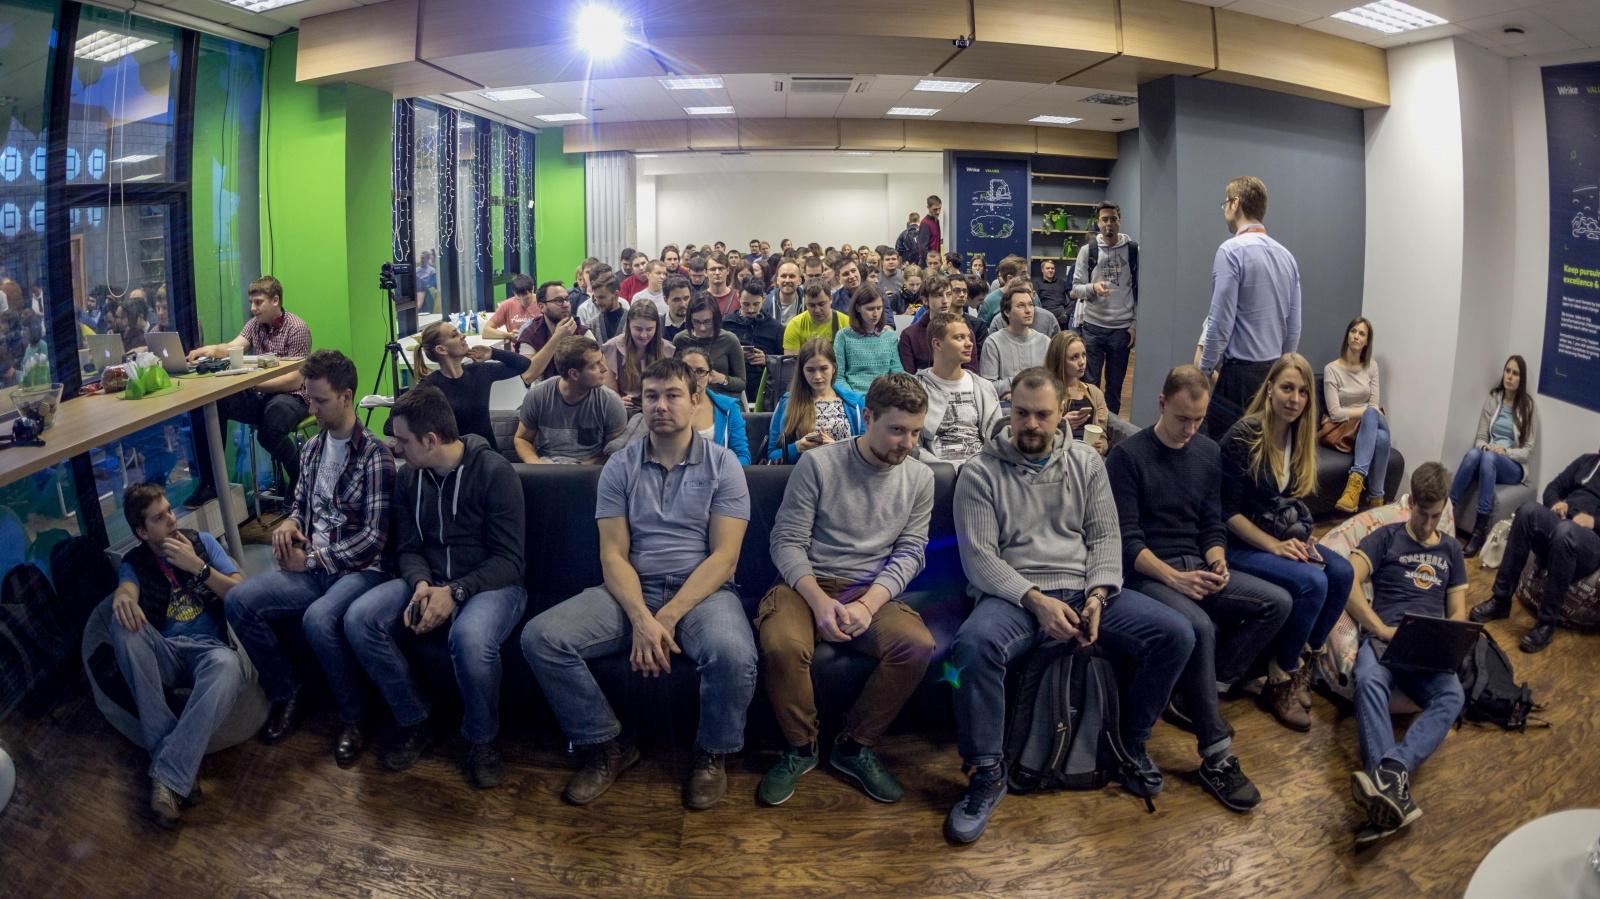 Открыта регистрация на Customer Experience Day в Петербурге 20 июня - 1